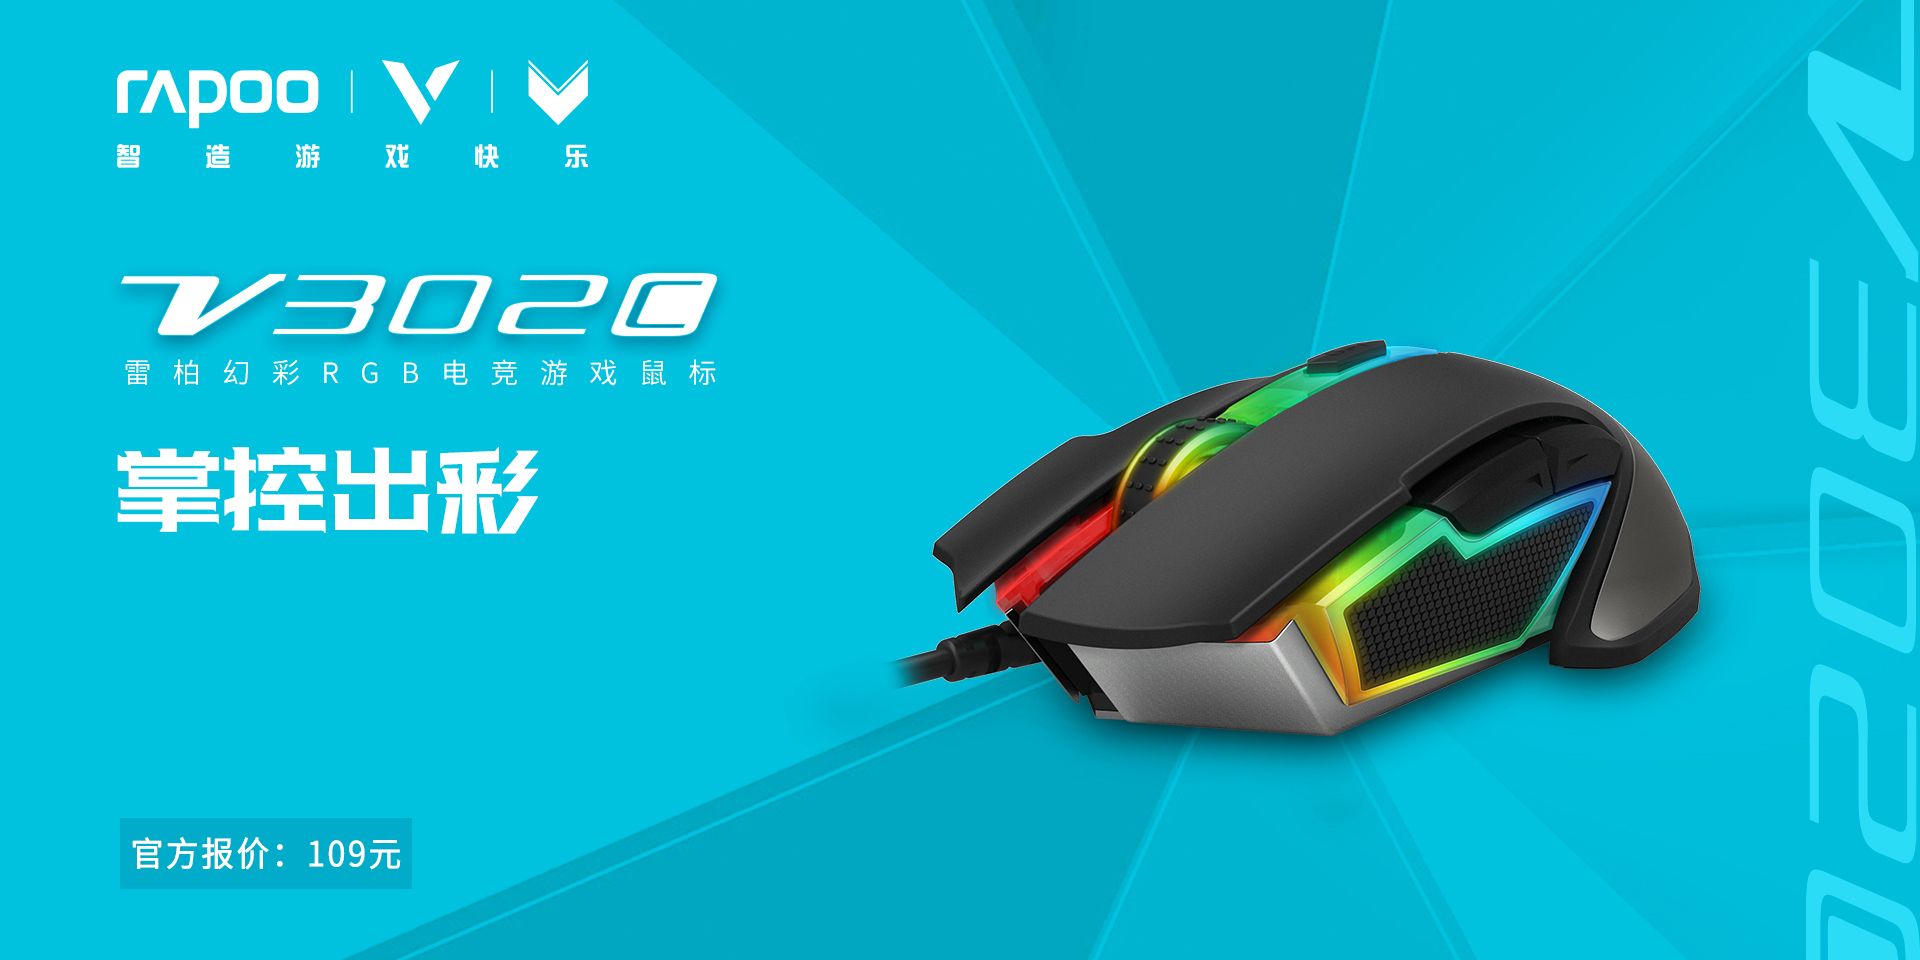 掌控出彩 雷柏V302C幻彩RGB电竞游戏鼠标上市